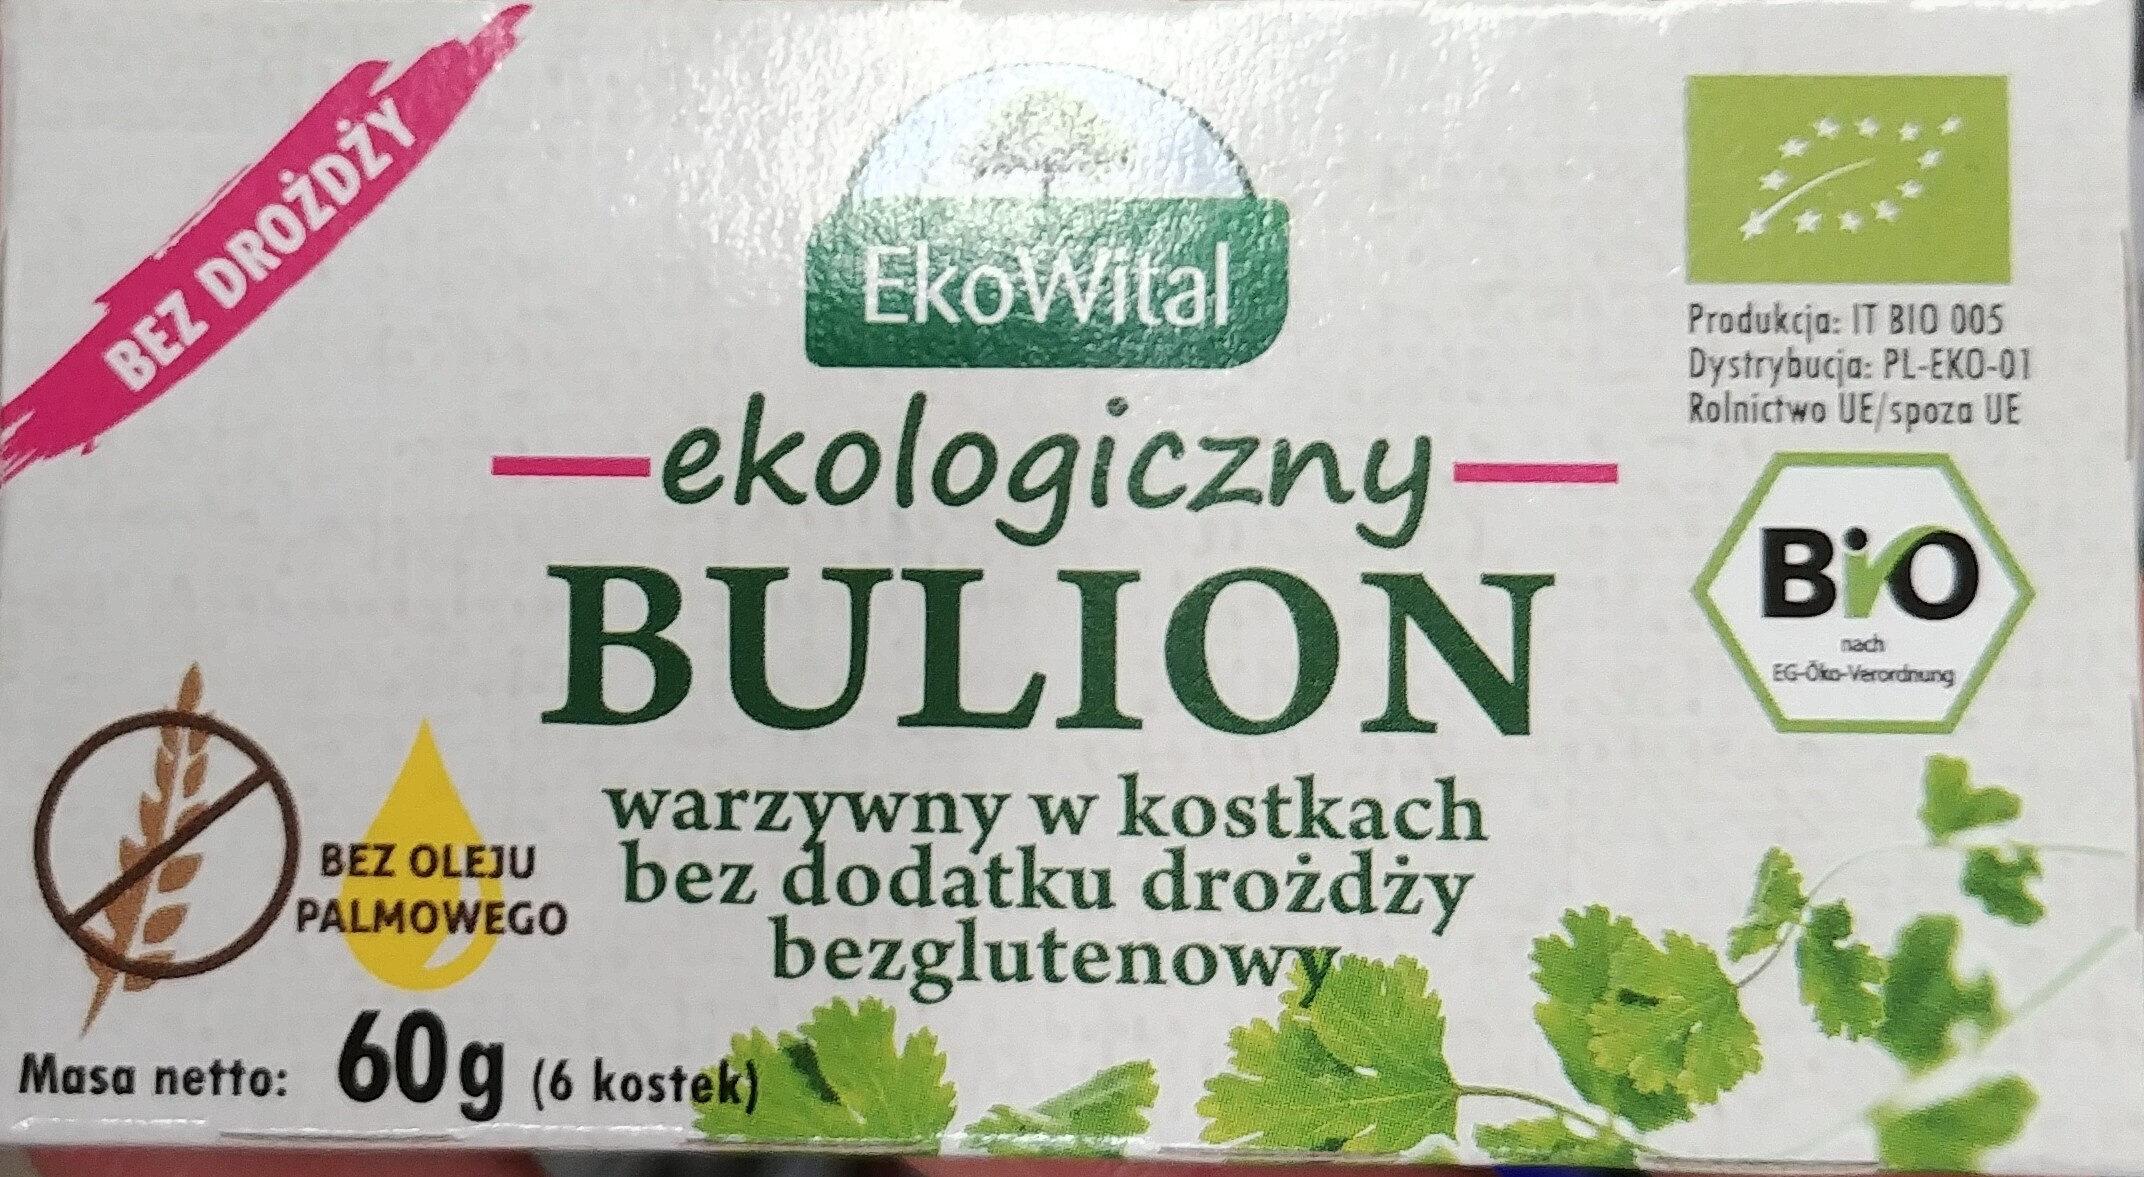 Bulion ekologiczny, warzywny w kostkach - Produkt - pl